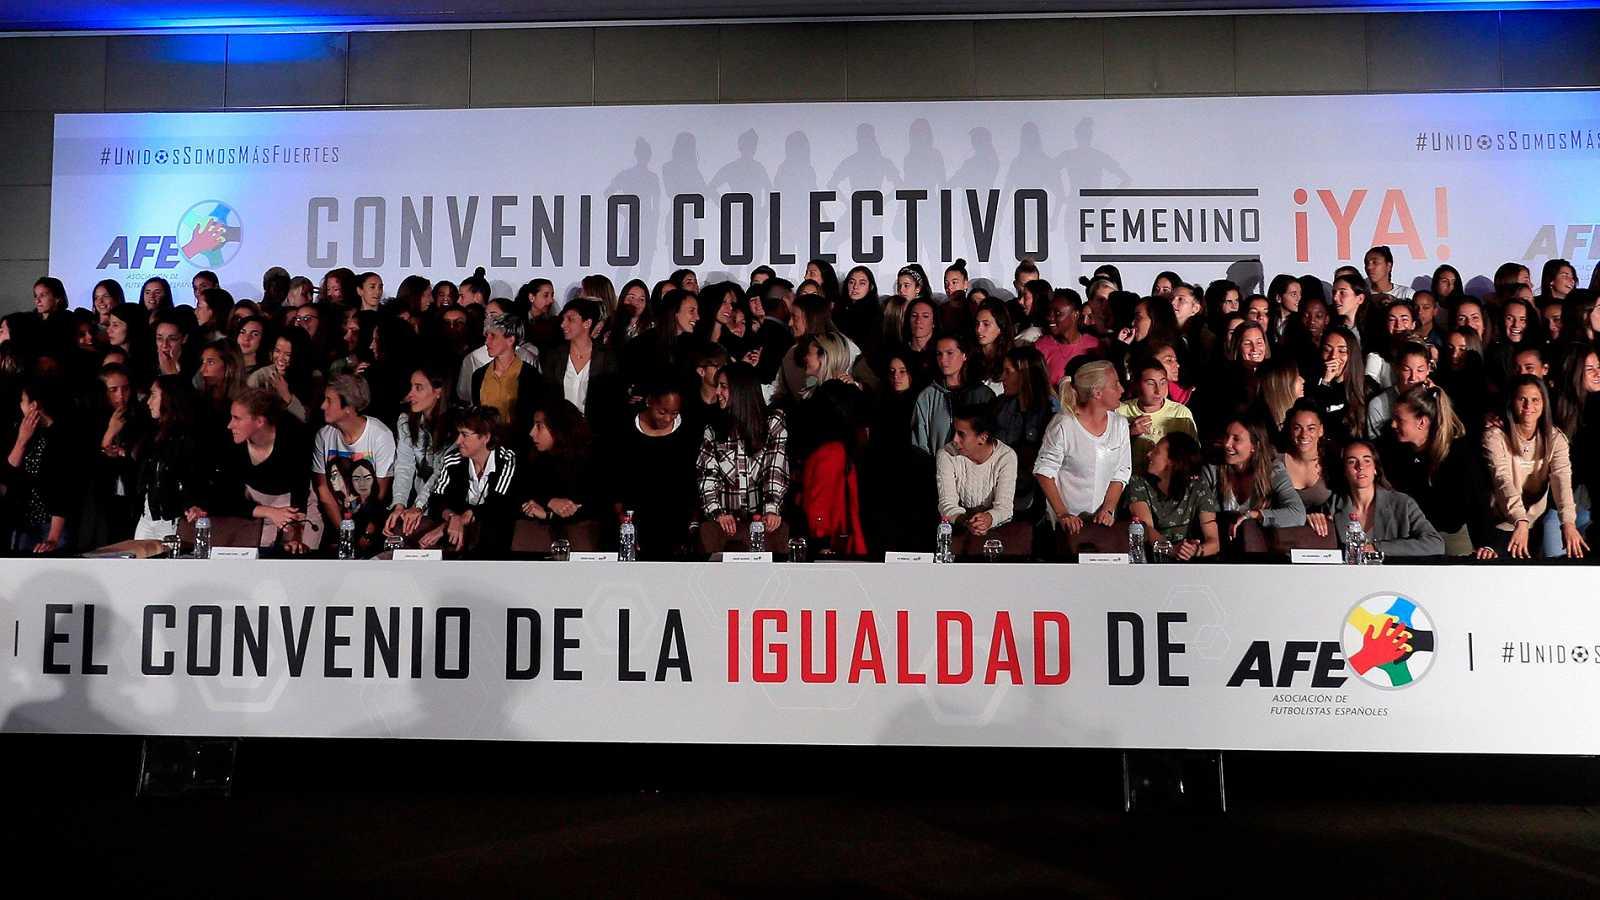 Las jugadoras de fútbol de Primera División han decidido convocar una huelga tras el bloqueo existente en la negociación del que sería su primer convenio colectivo.